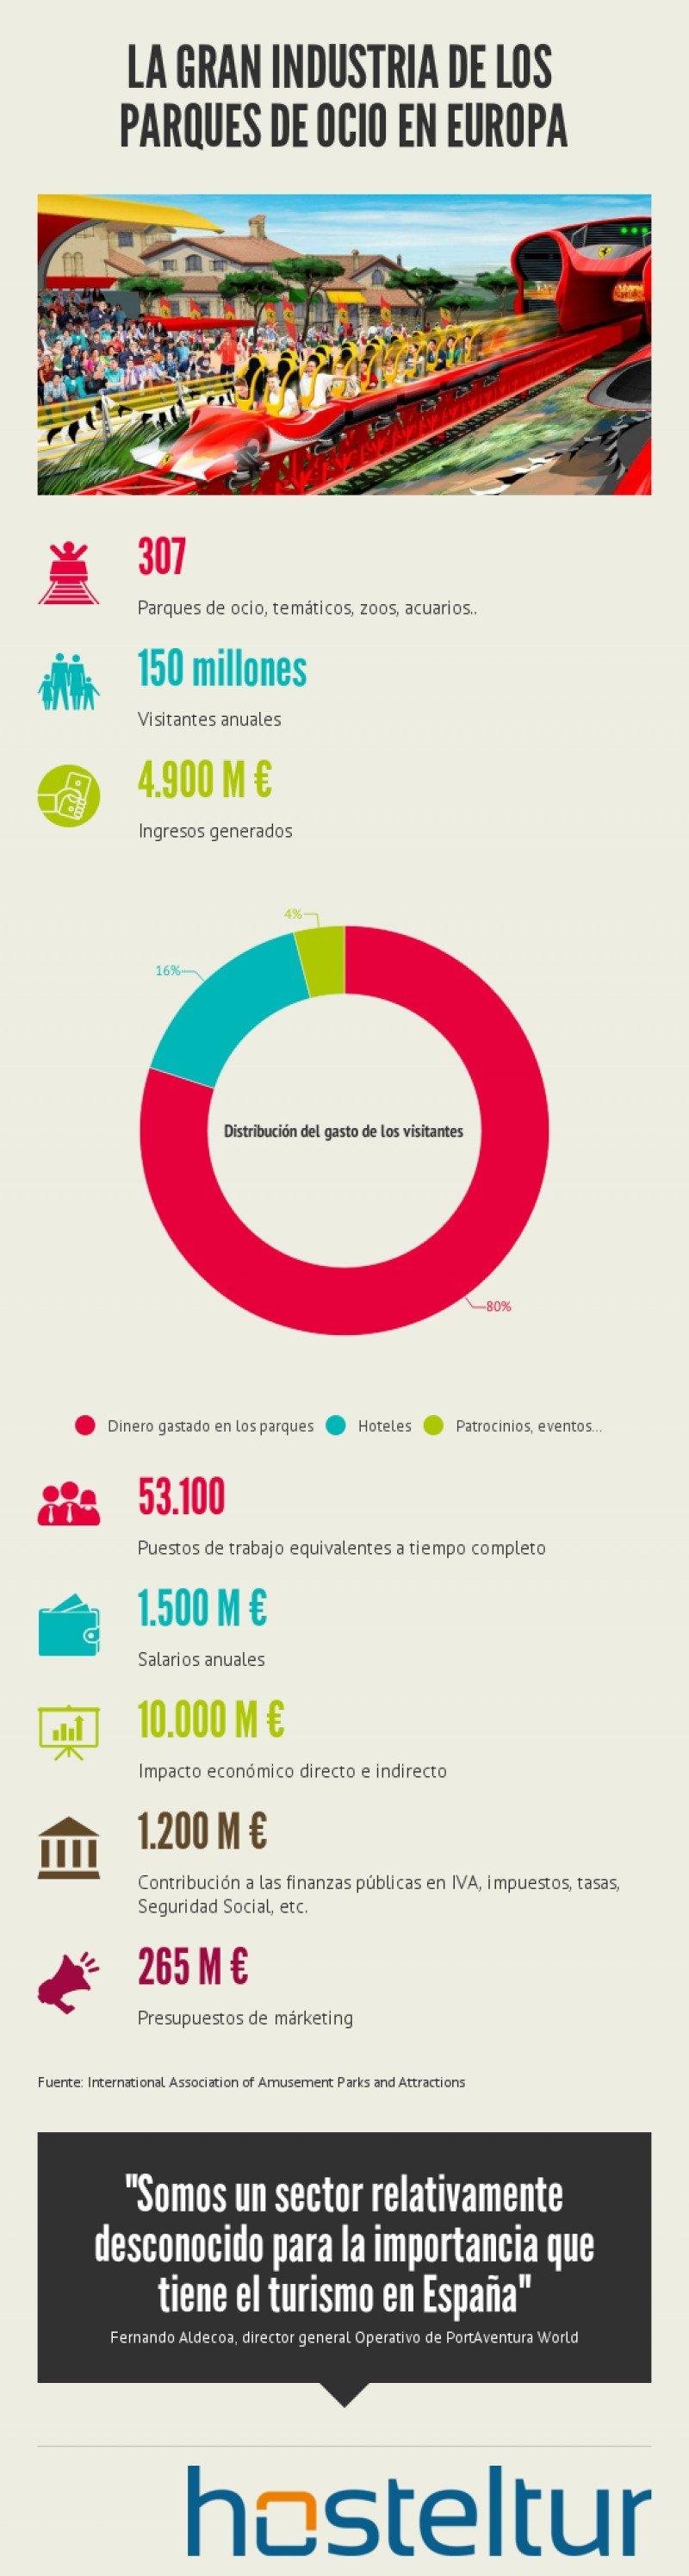 ¿Qué sector turístico invierte US$ 297 millones en márketing al año en Europa?